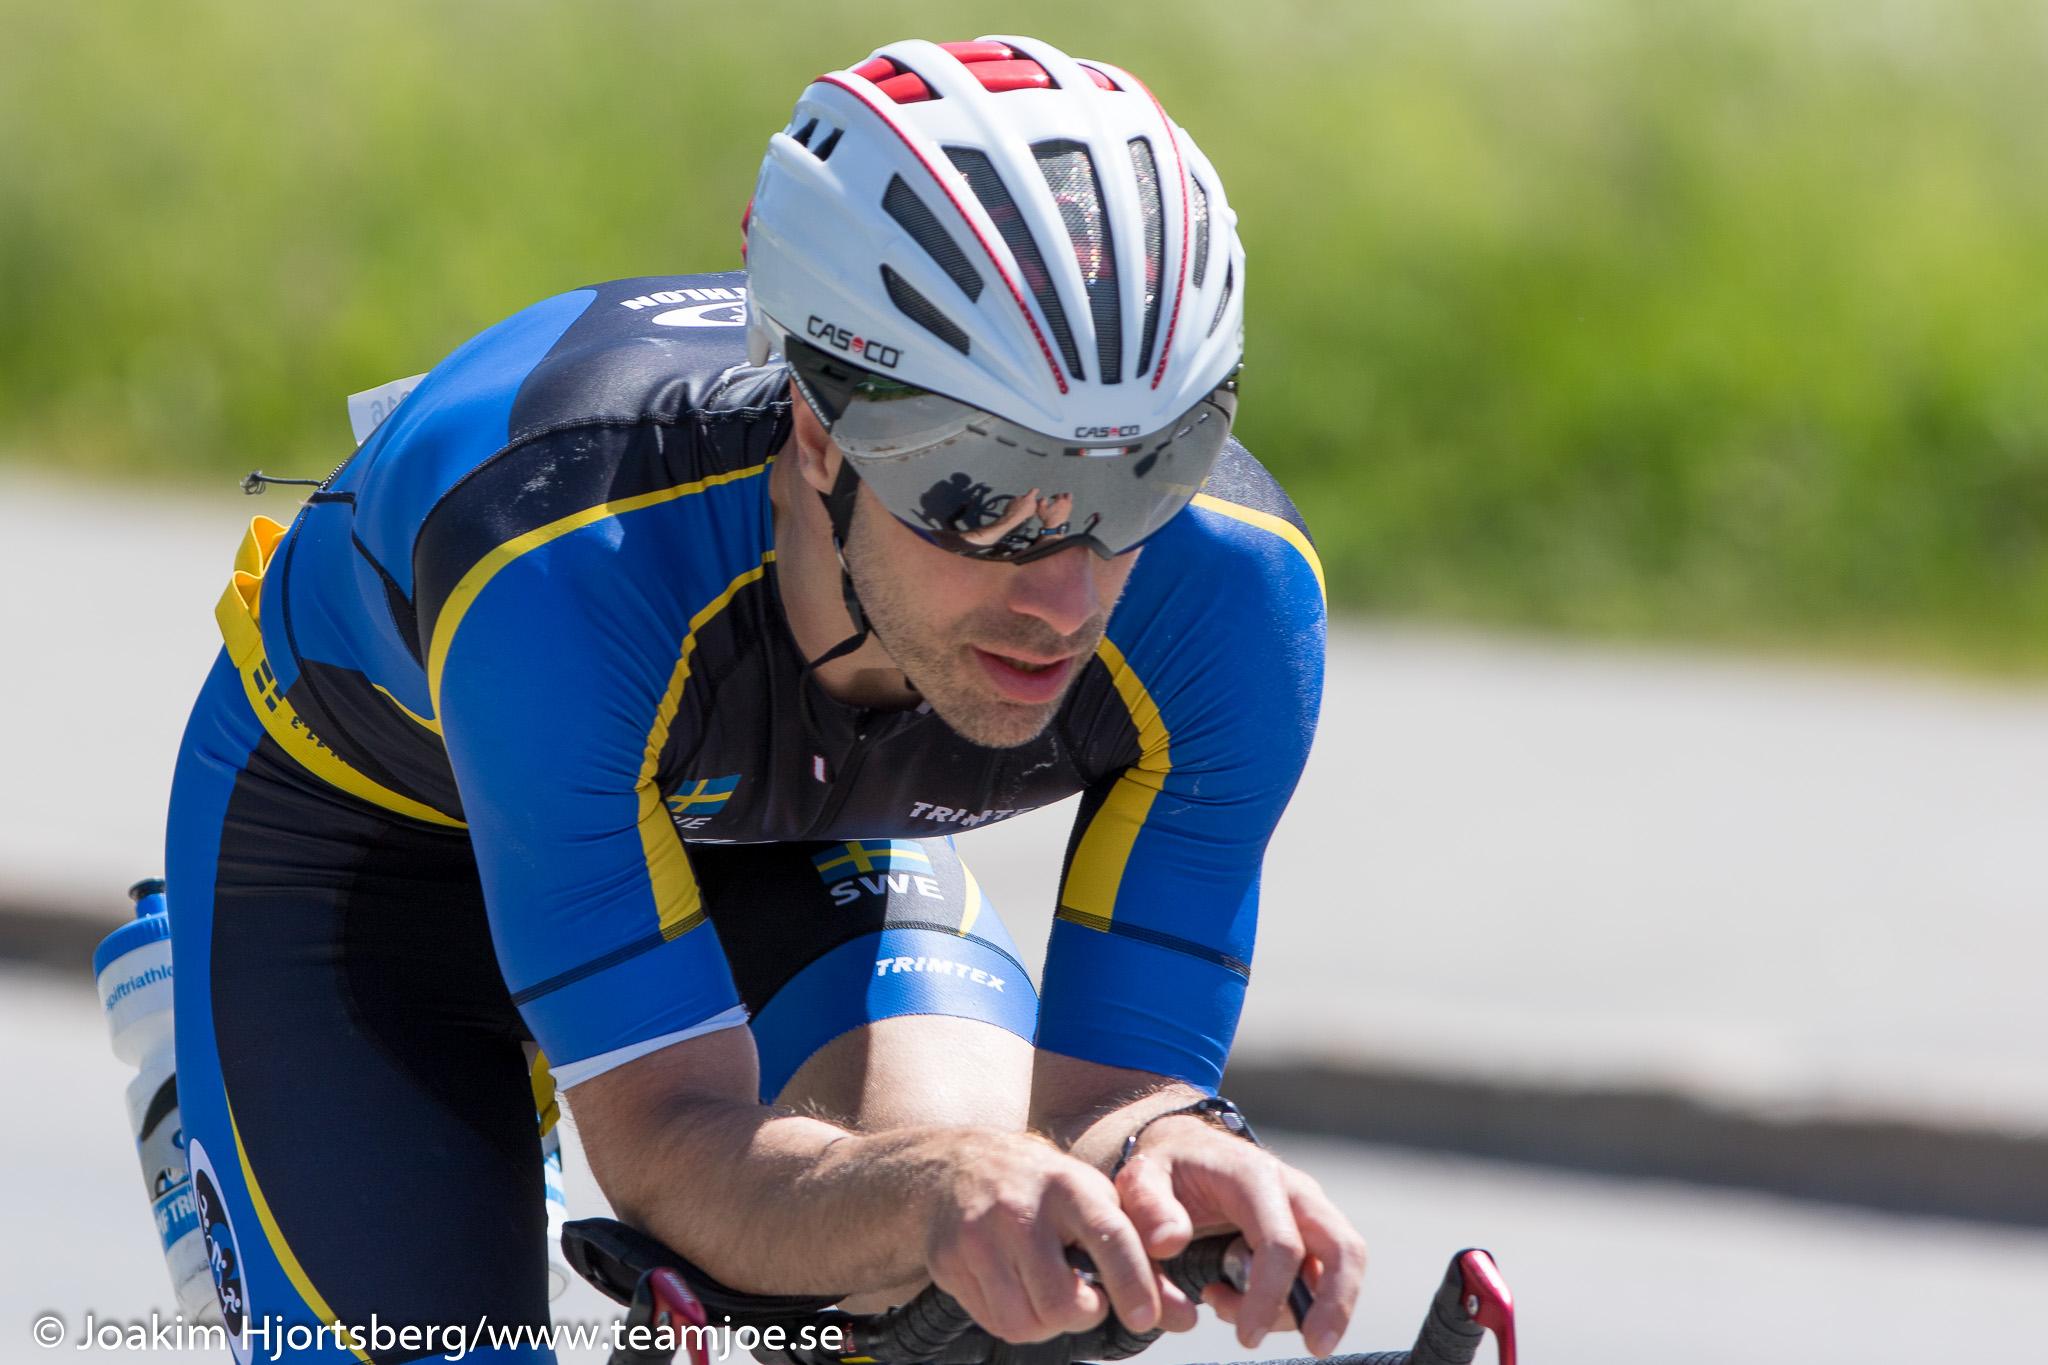 20160606_1256-2 Örebro Triathlon